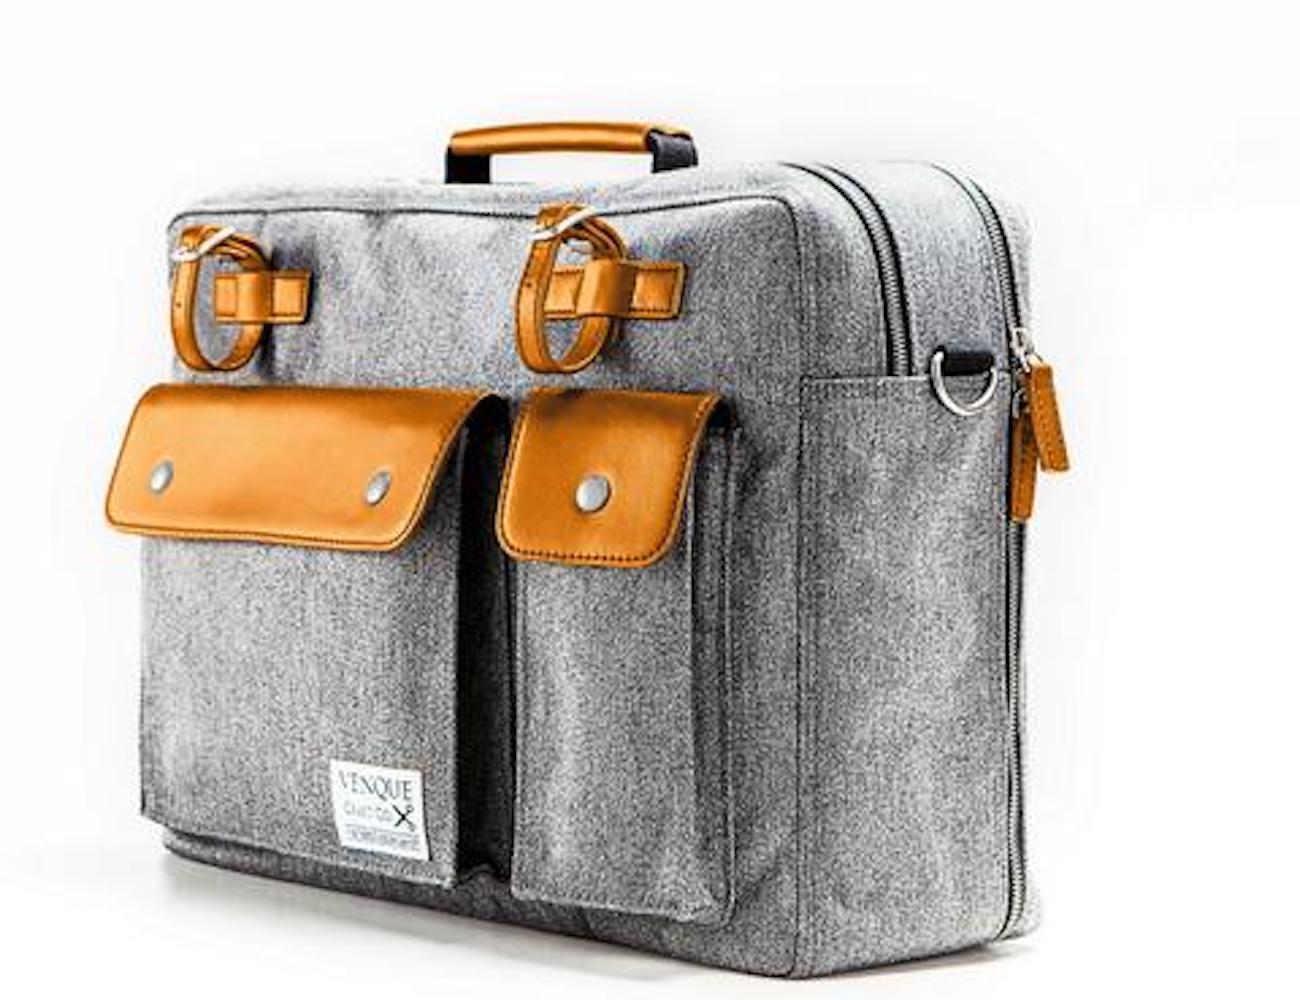 Venque Milano Laptop Briefcase